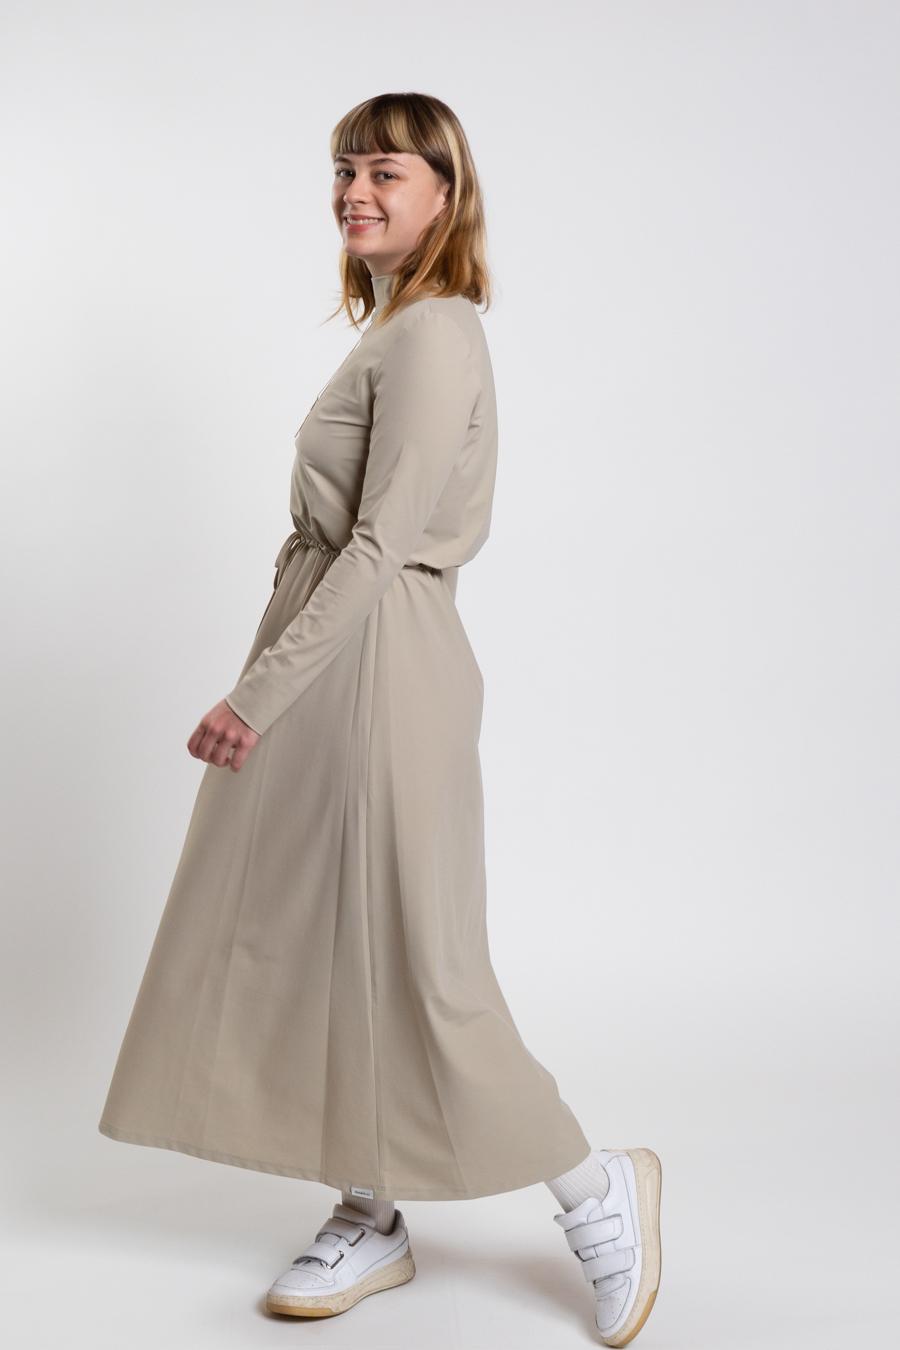 Kleid sand - Penn&Ink N.Y